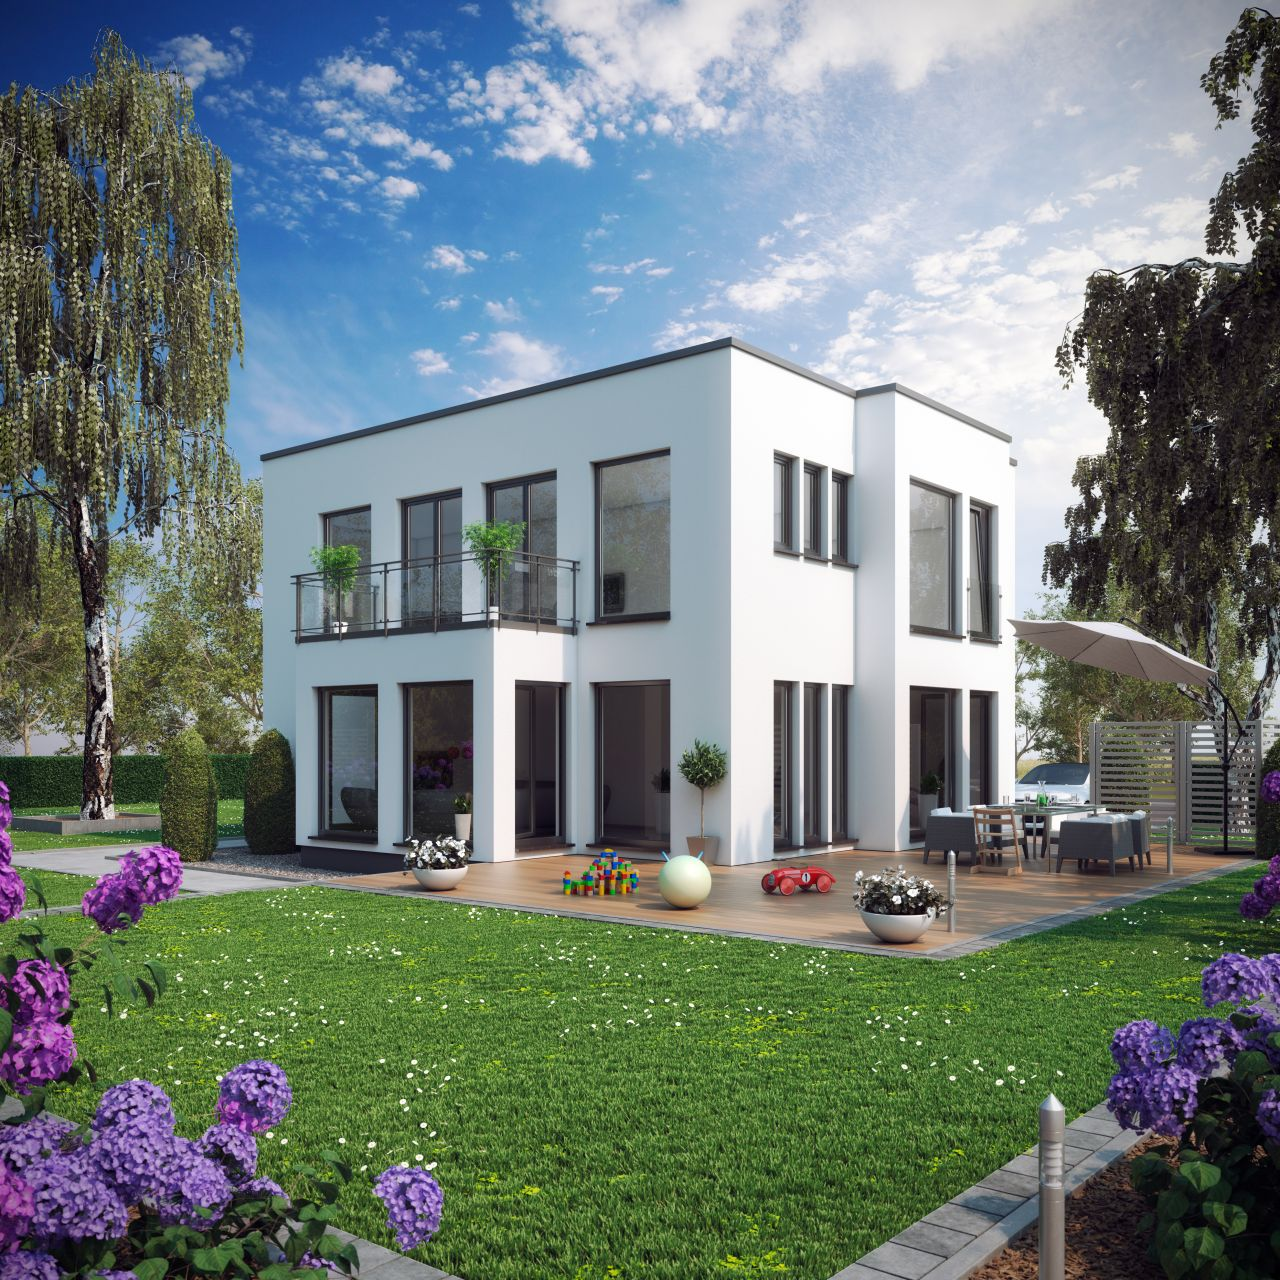 Ihr habt die Vision - Wir bauen Ihr Traumhaus